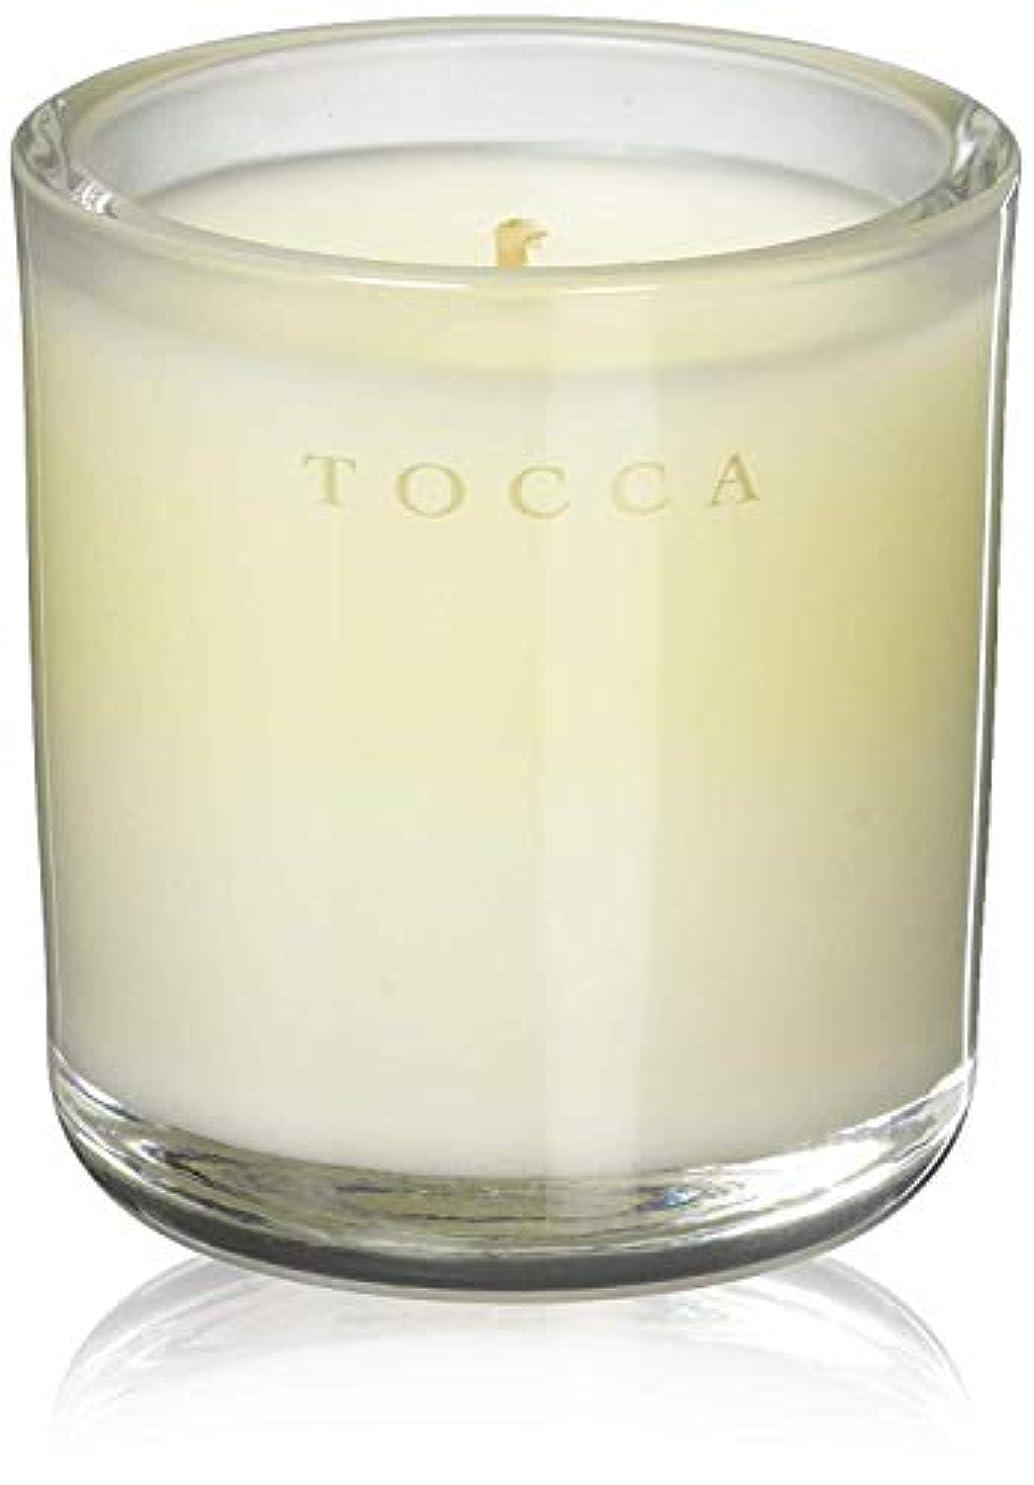 感覚しなやかな自伝TOCCA(トッカ) ボヤージュ キャンデリーナ マラケシュ 85g (ろうそく 芳香 パチュリとアンバーのスパイシーな香り)